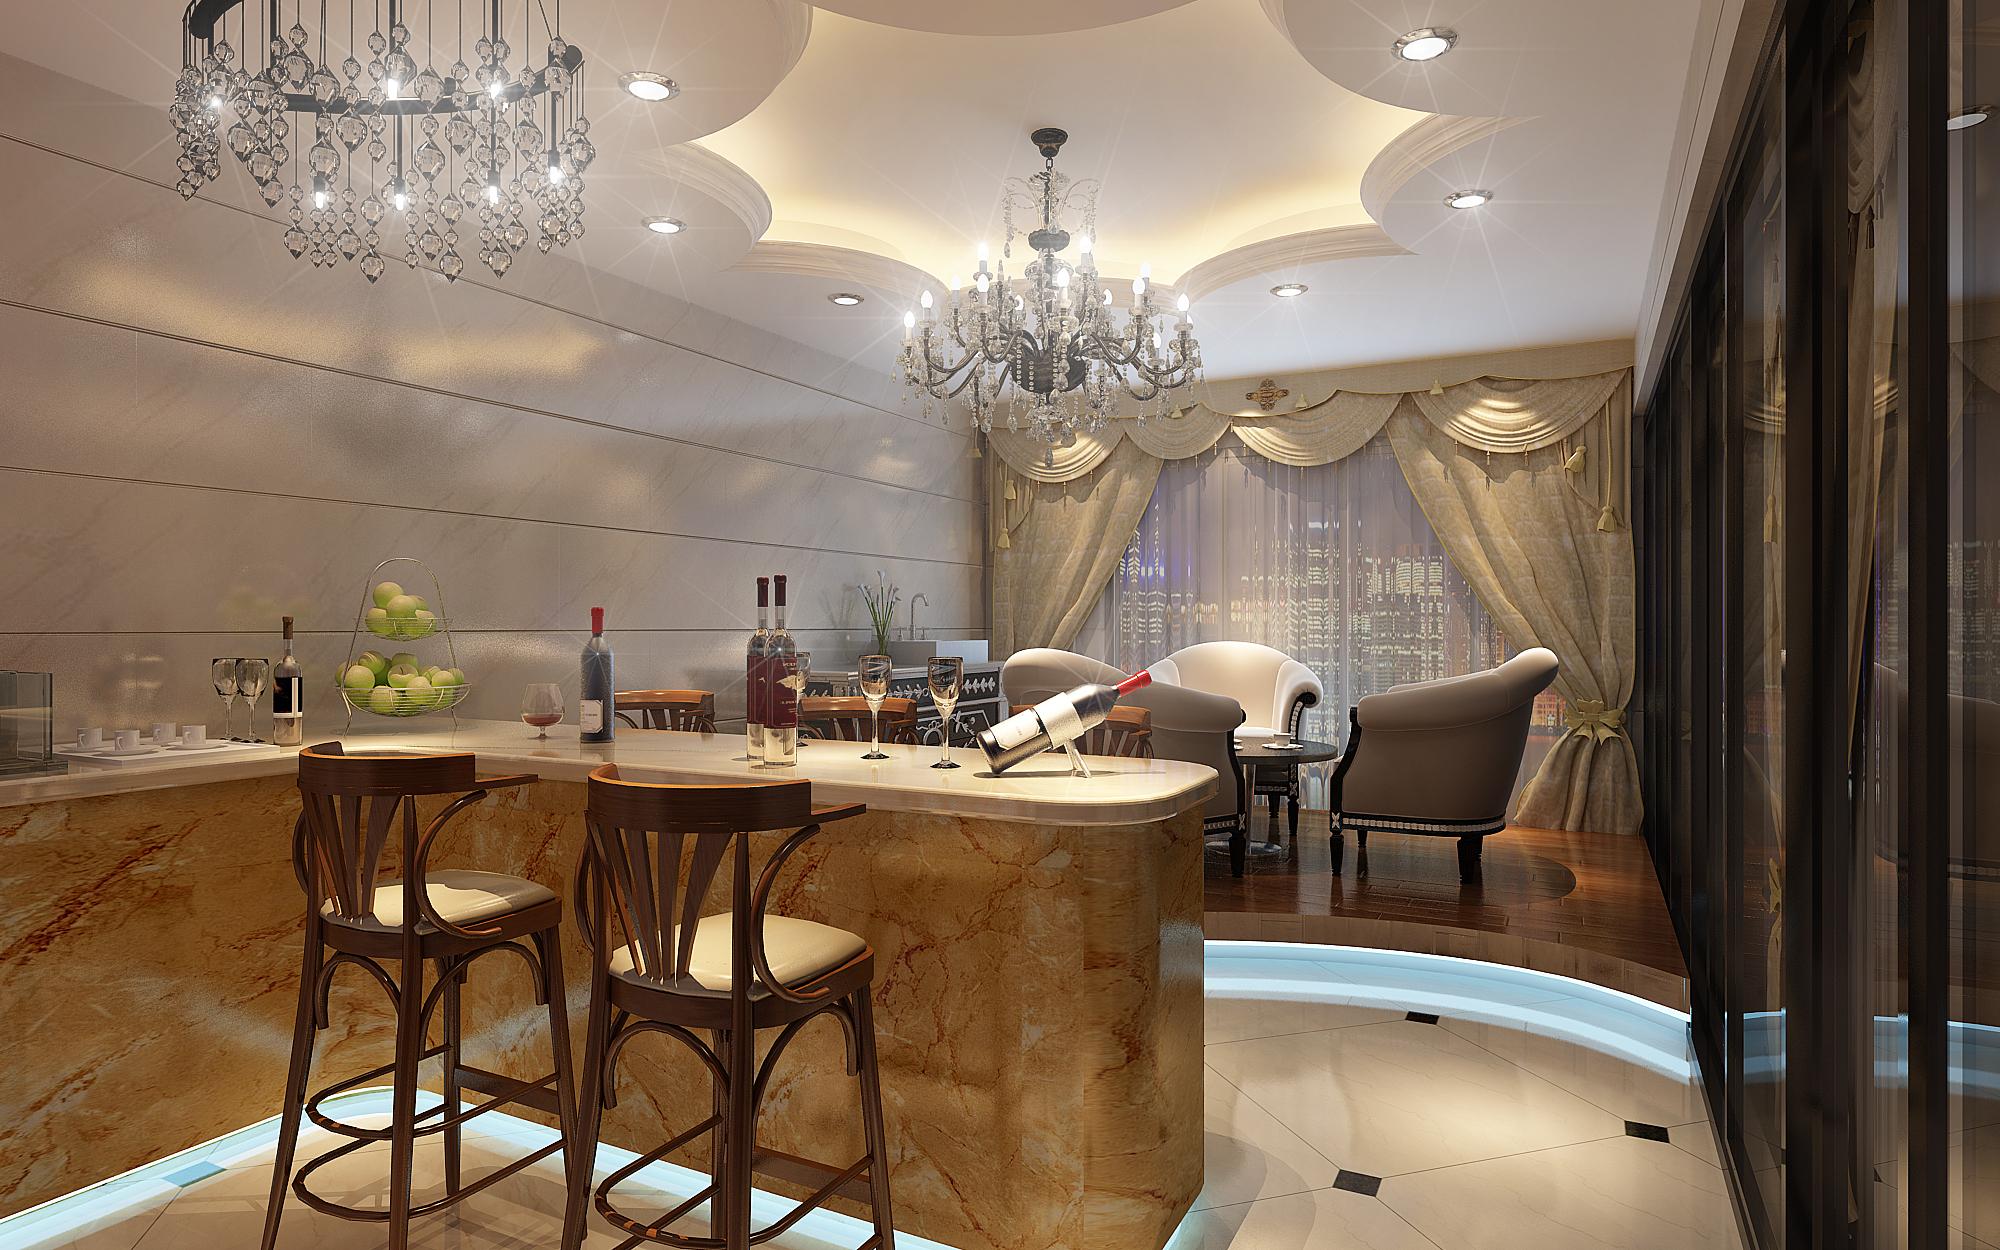 锦绣香江 简约 欧式 洋房 家居 生活 装修 报价 设计 其他图片来自曹丹在锦绣香江-现代欧式-4居室的分享